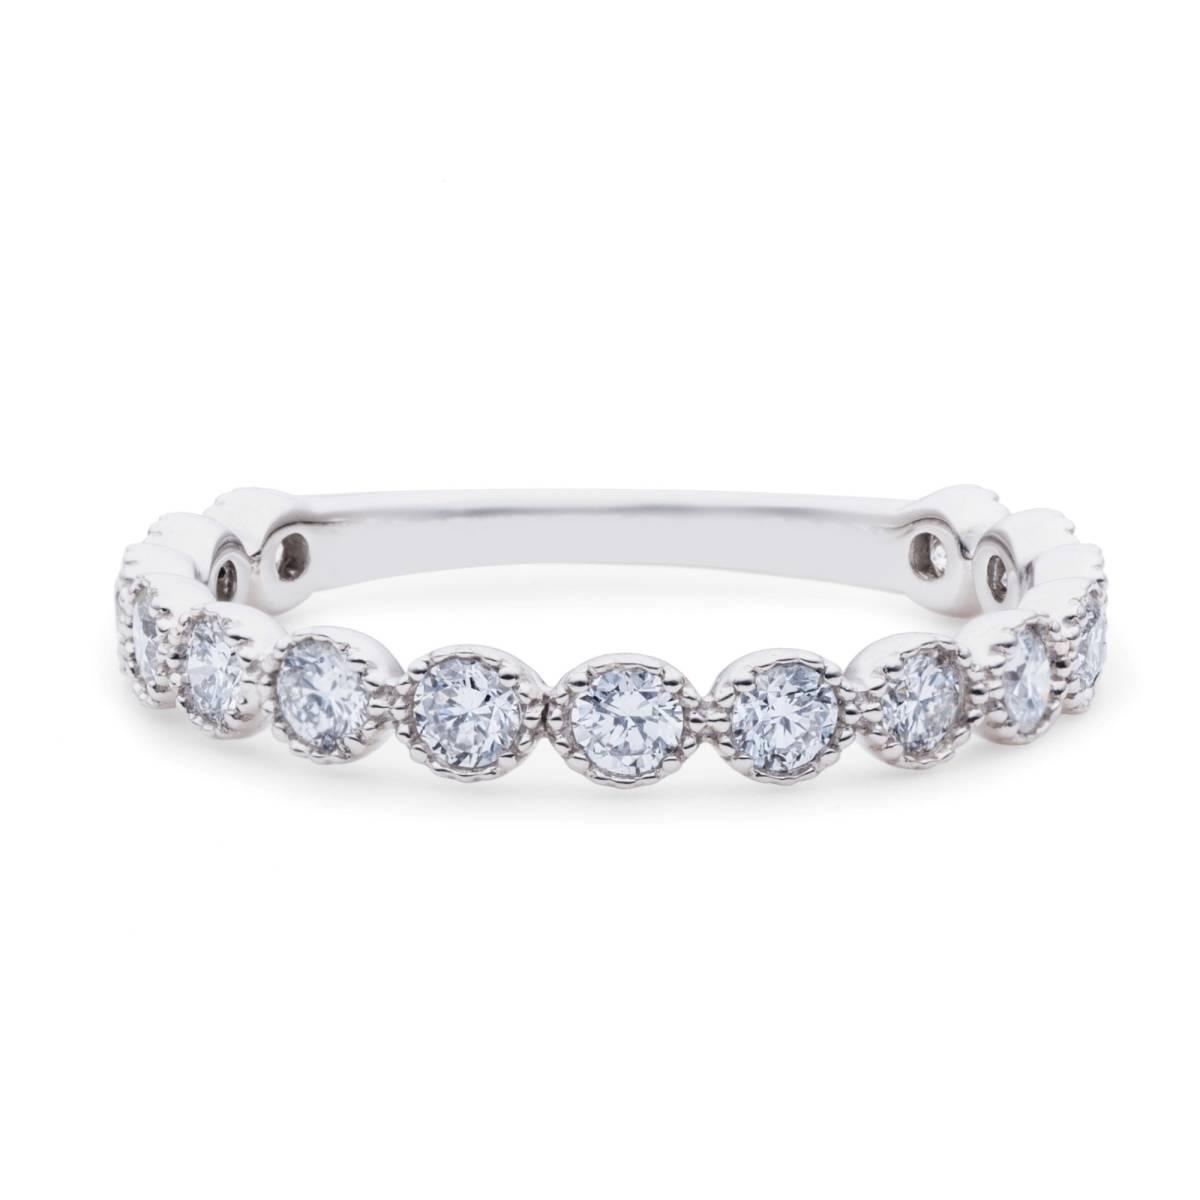 【size8号】ハード プラチナ pt900 天然diamond 0.53ct H&C 3/4 エタニティ リング【鑑別書付】_Excellent!素晴らしい輝きです!